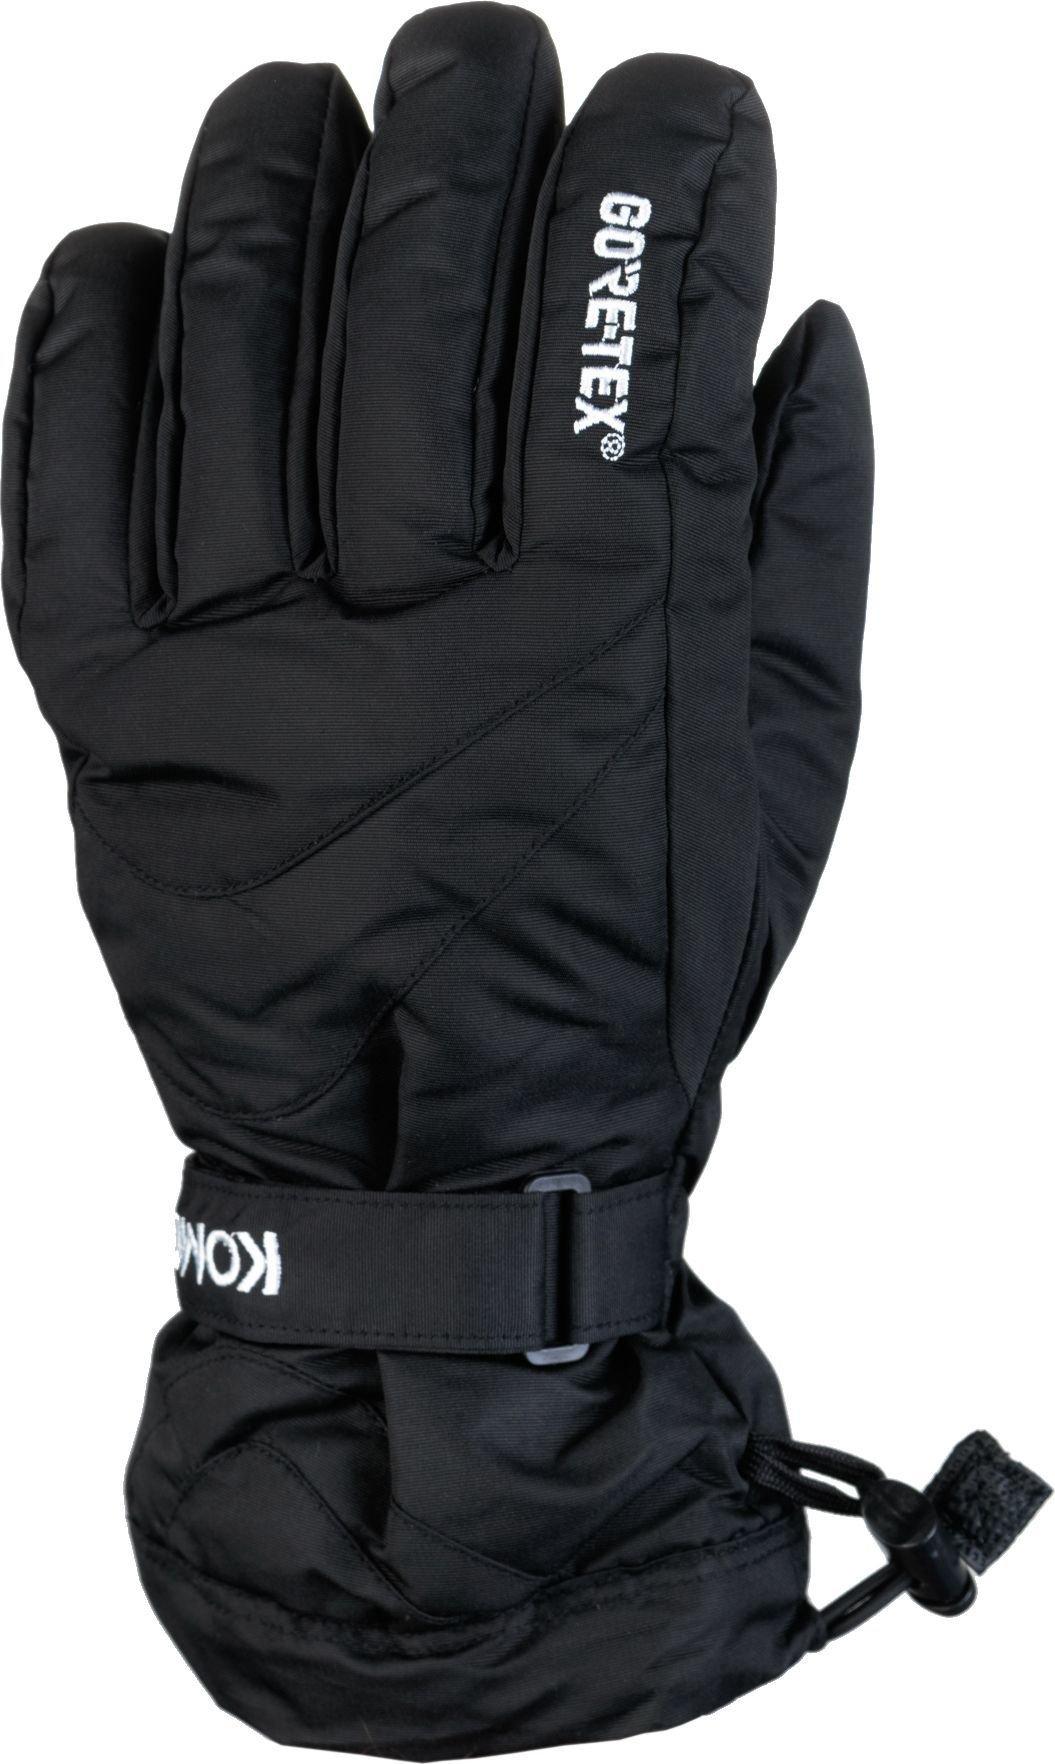 Rękawice narciarskie męskie Kombi The Dexter GTX r. M (K12032) oraz L (i inne rękawice od 28zł z kodem)